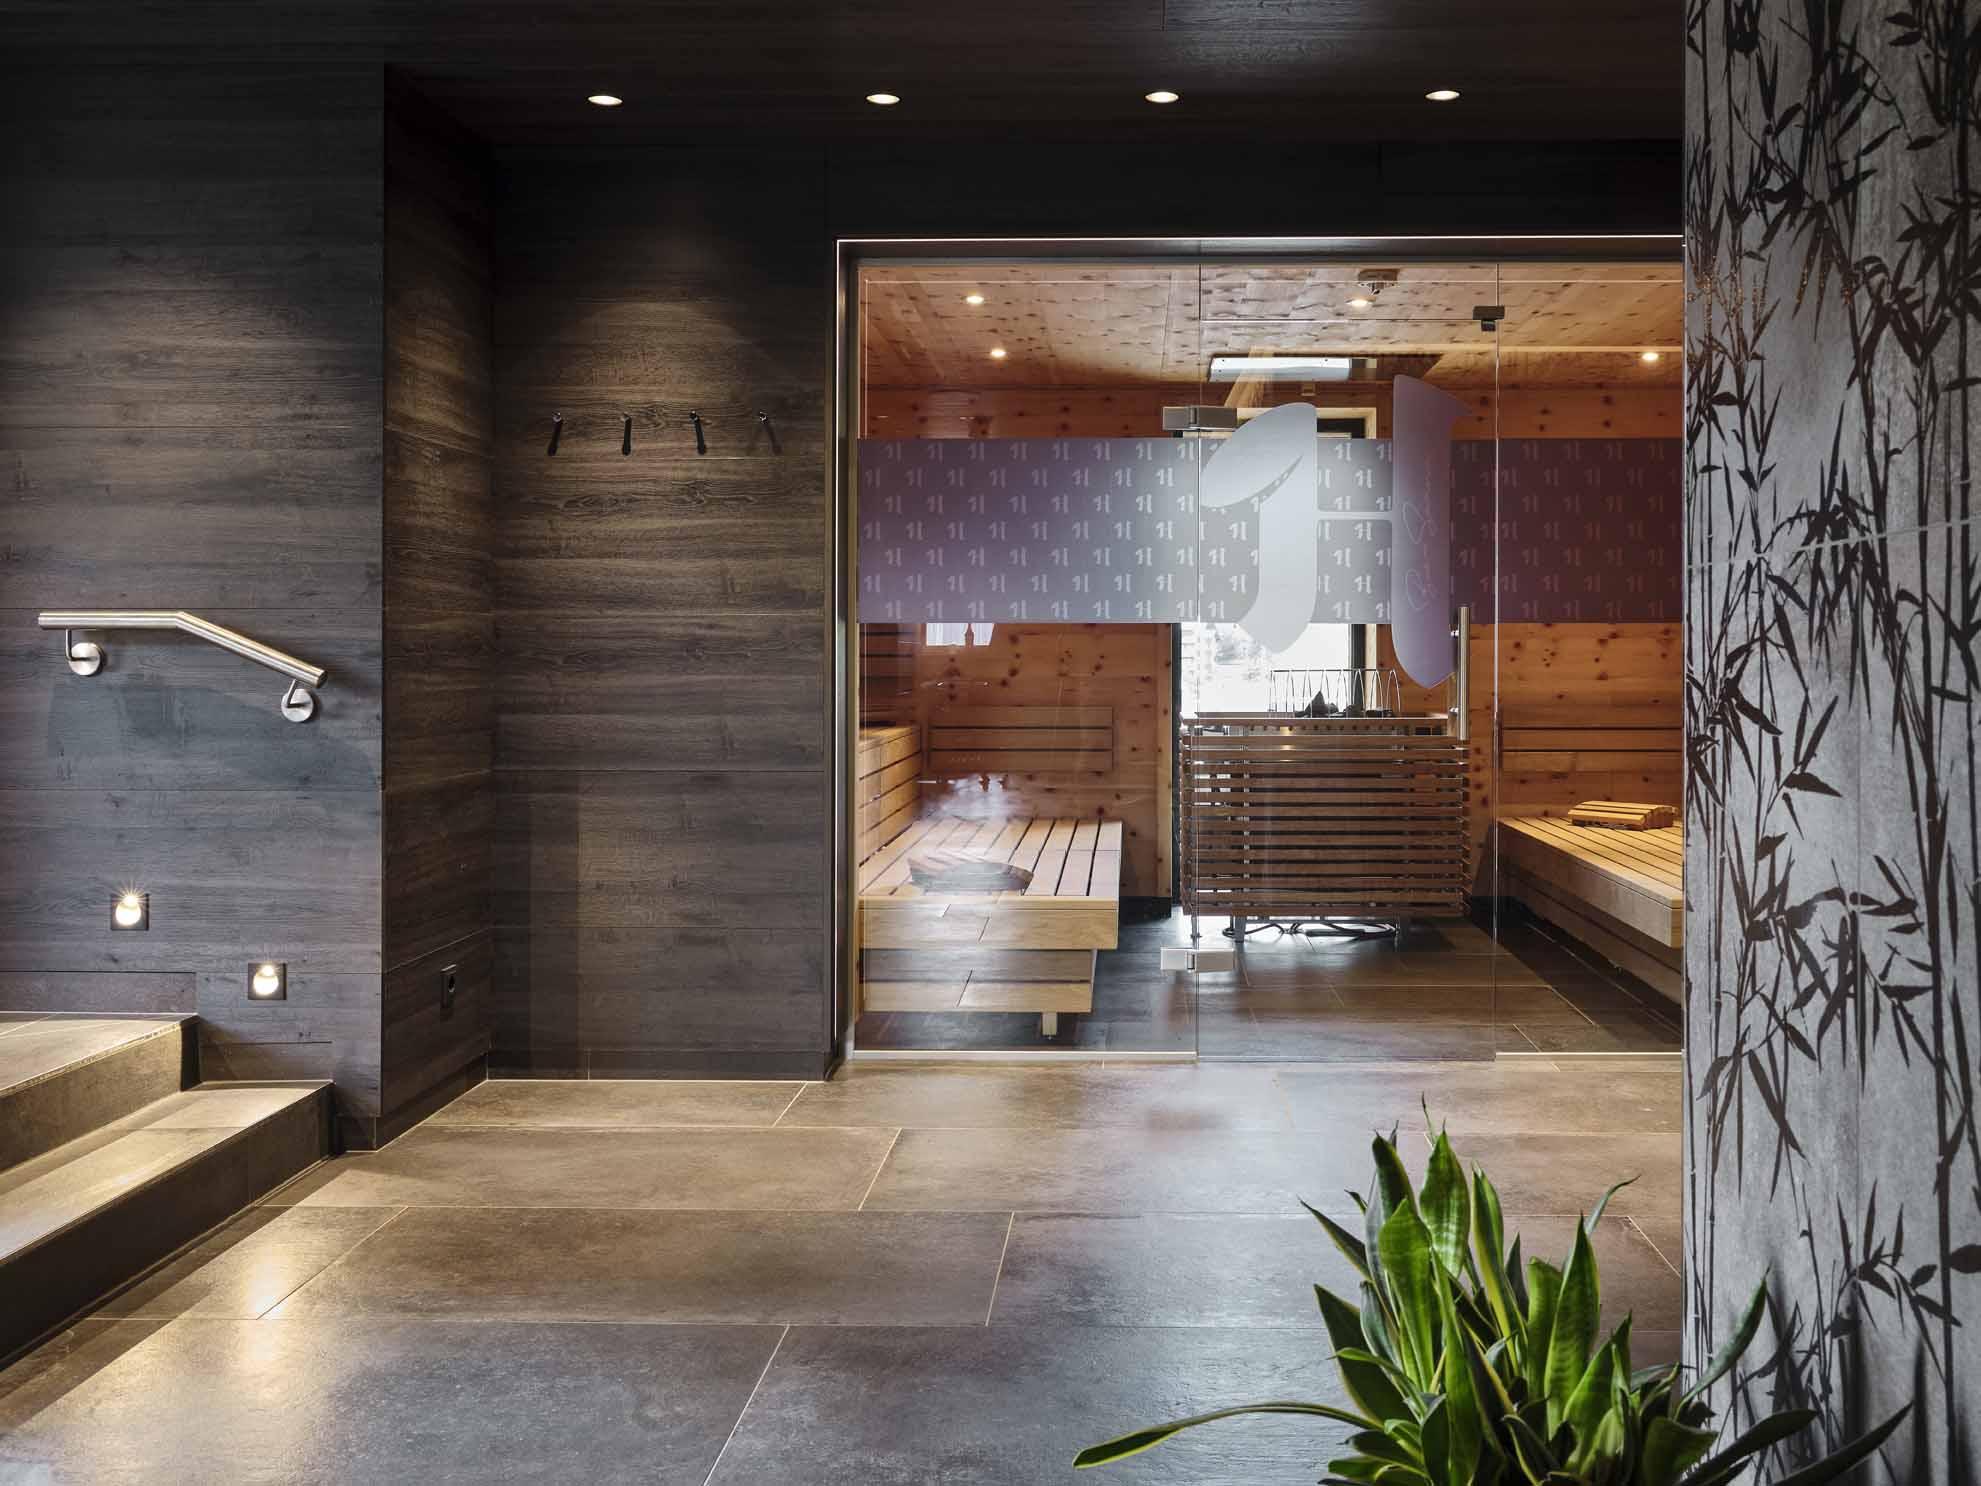 Die Sauna mit einer Glastüre und dem Hasenauer-Logo im Wellness-Bereich